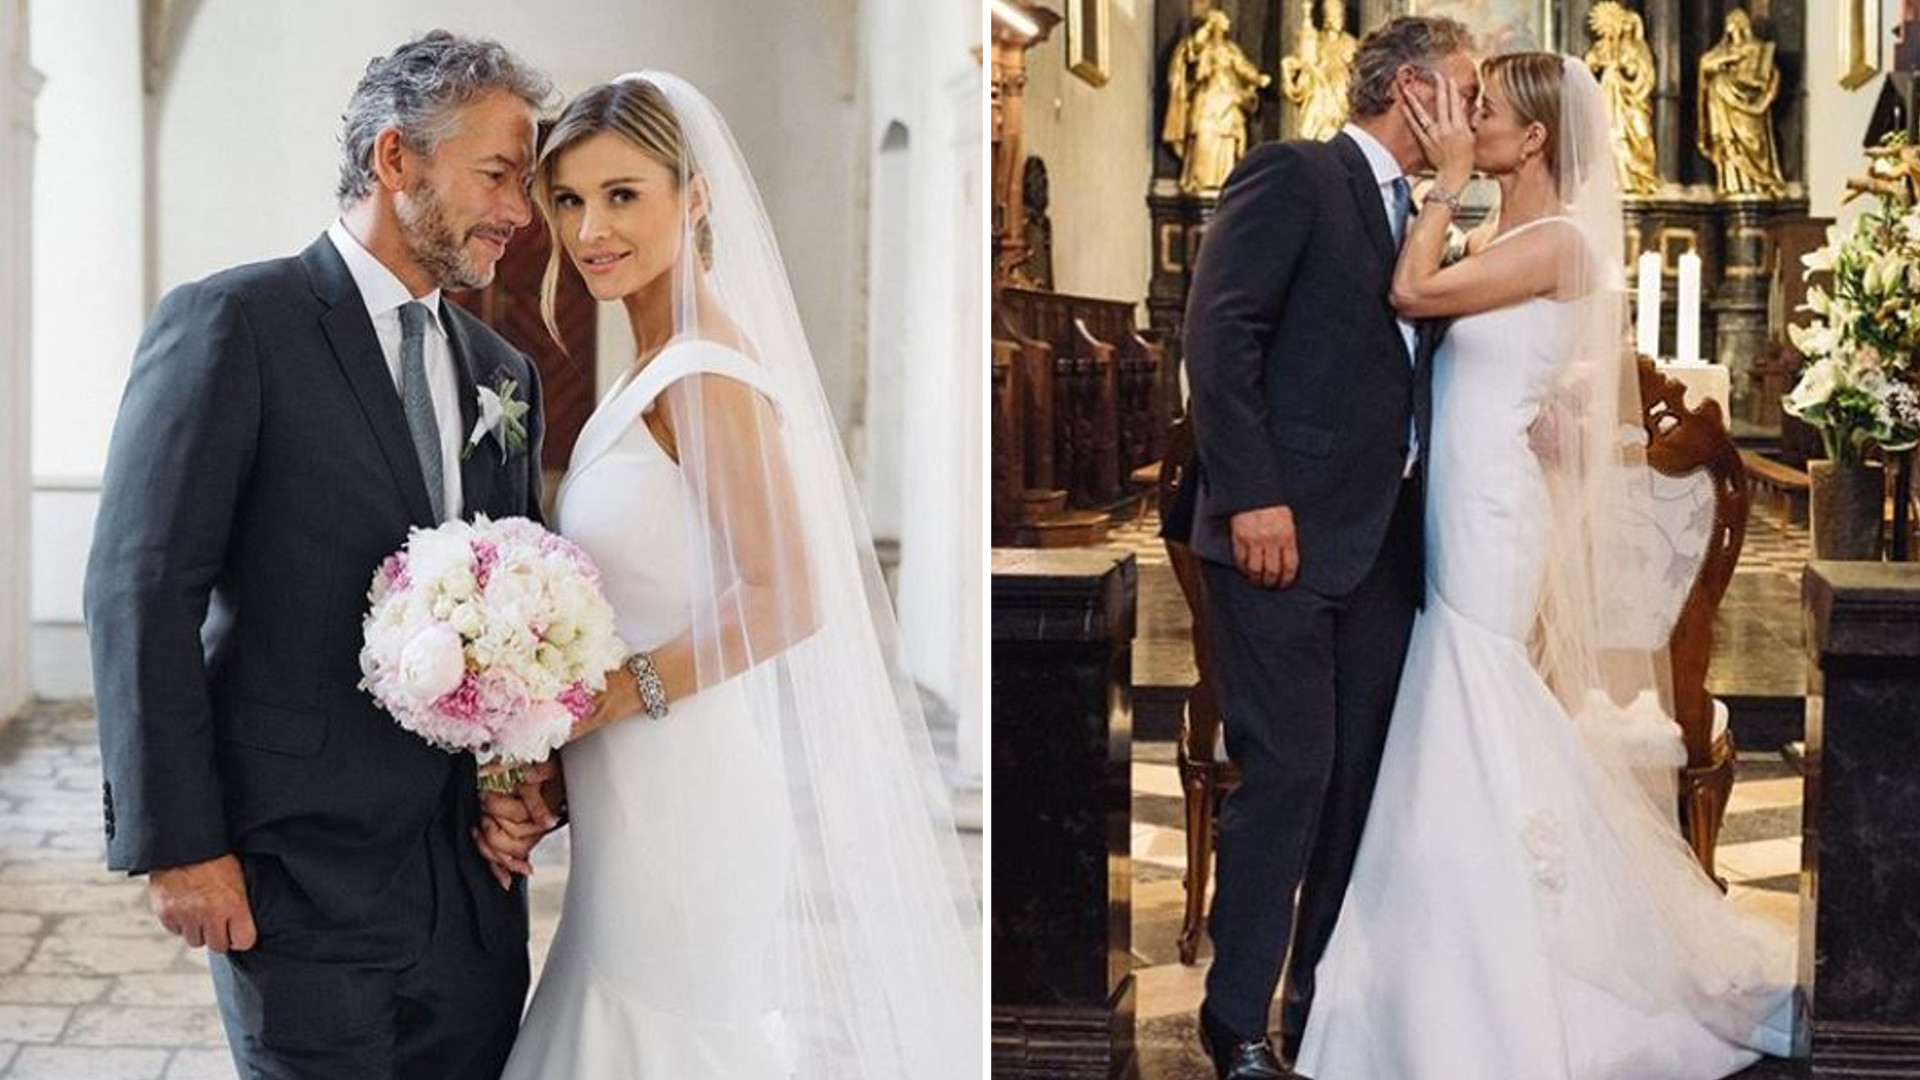 Joanna Krupa świętuje z mężem drugą rocznicę ślubu – pokazała filmik z wesela